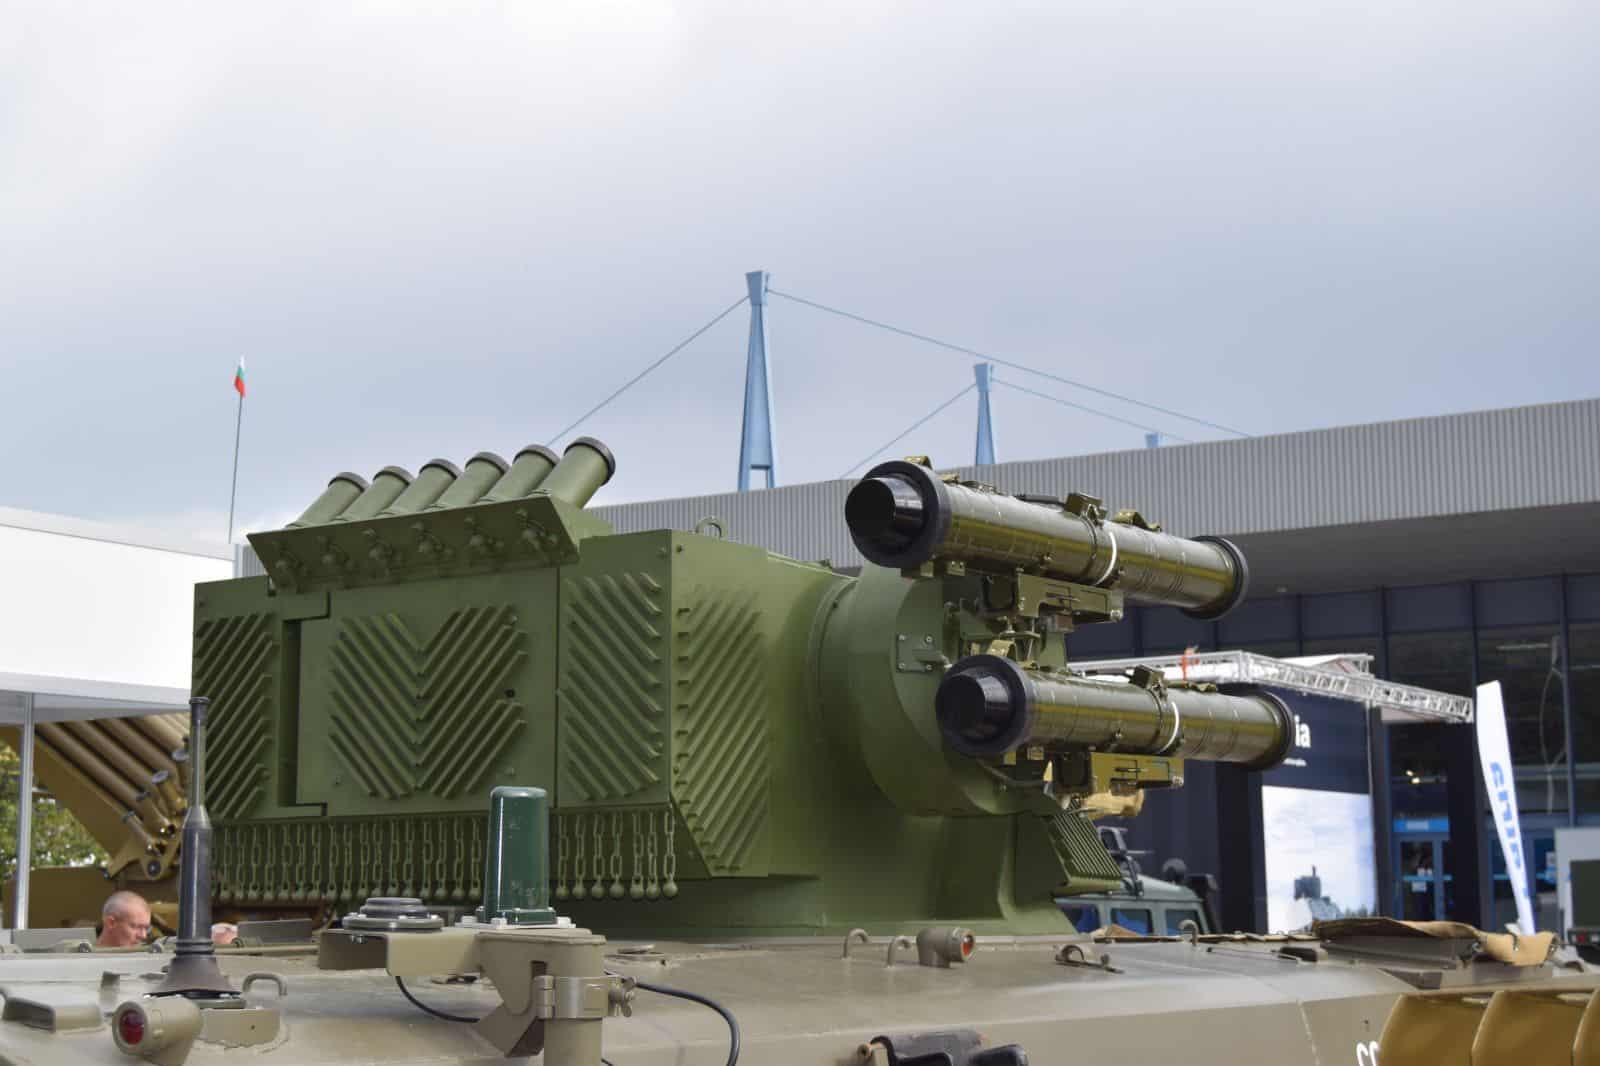 Бойовий модуль «Стилет» з гарматою ЗТМ-2 вид ззаду